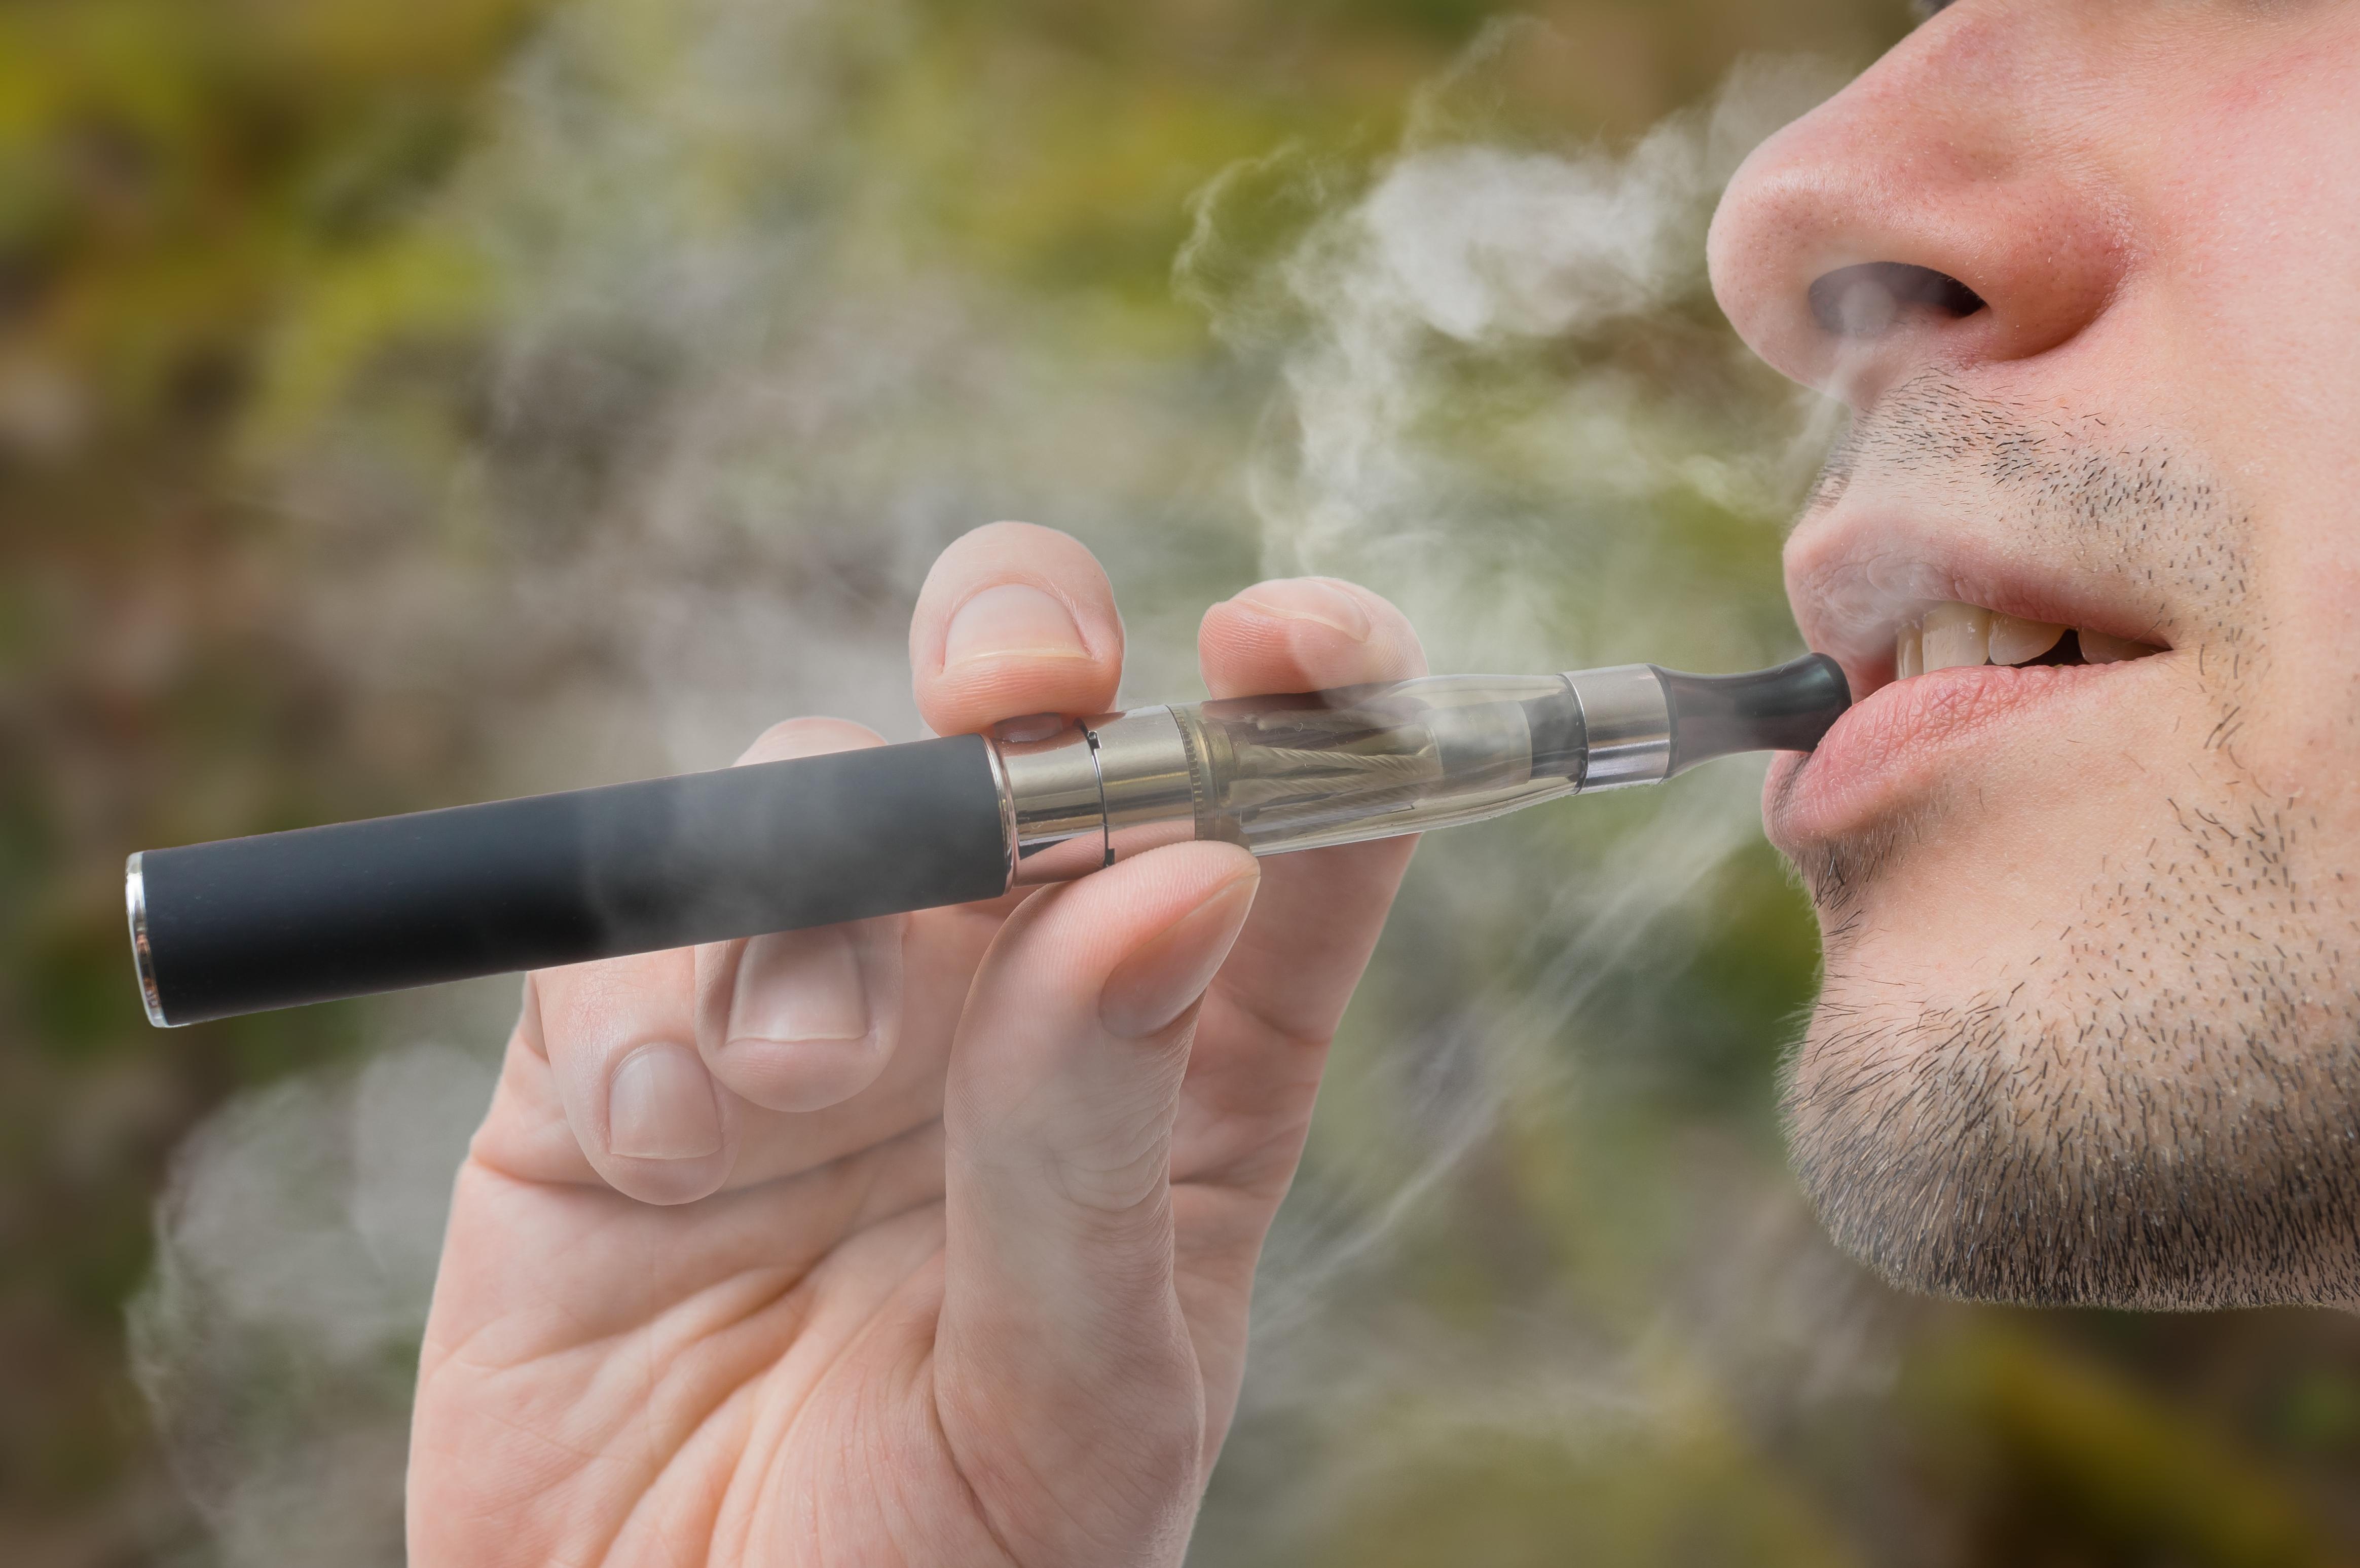 سیگارهای الکترونیکی باعث بروز مشکلات ریوی می شوند